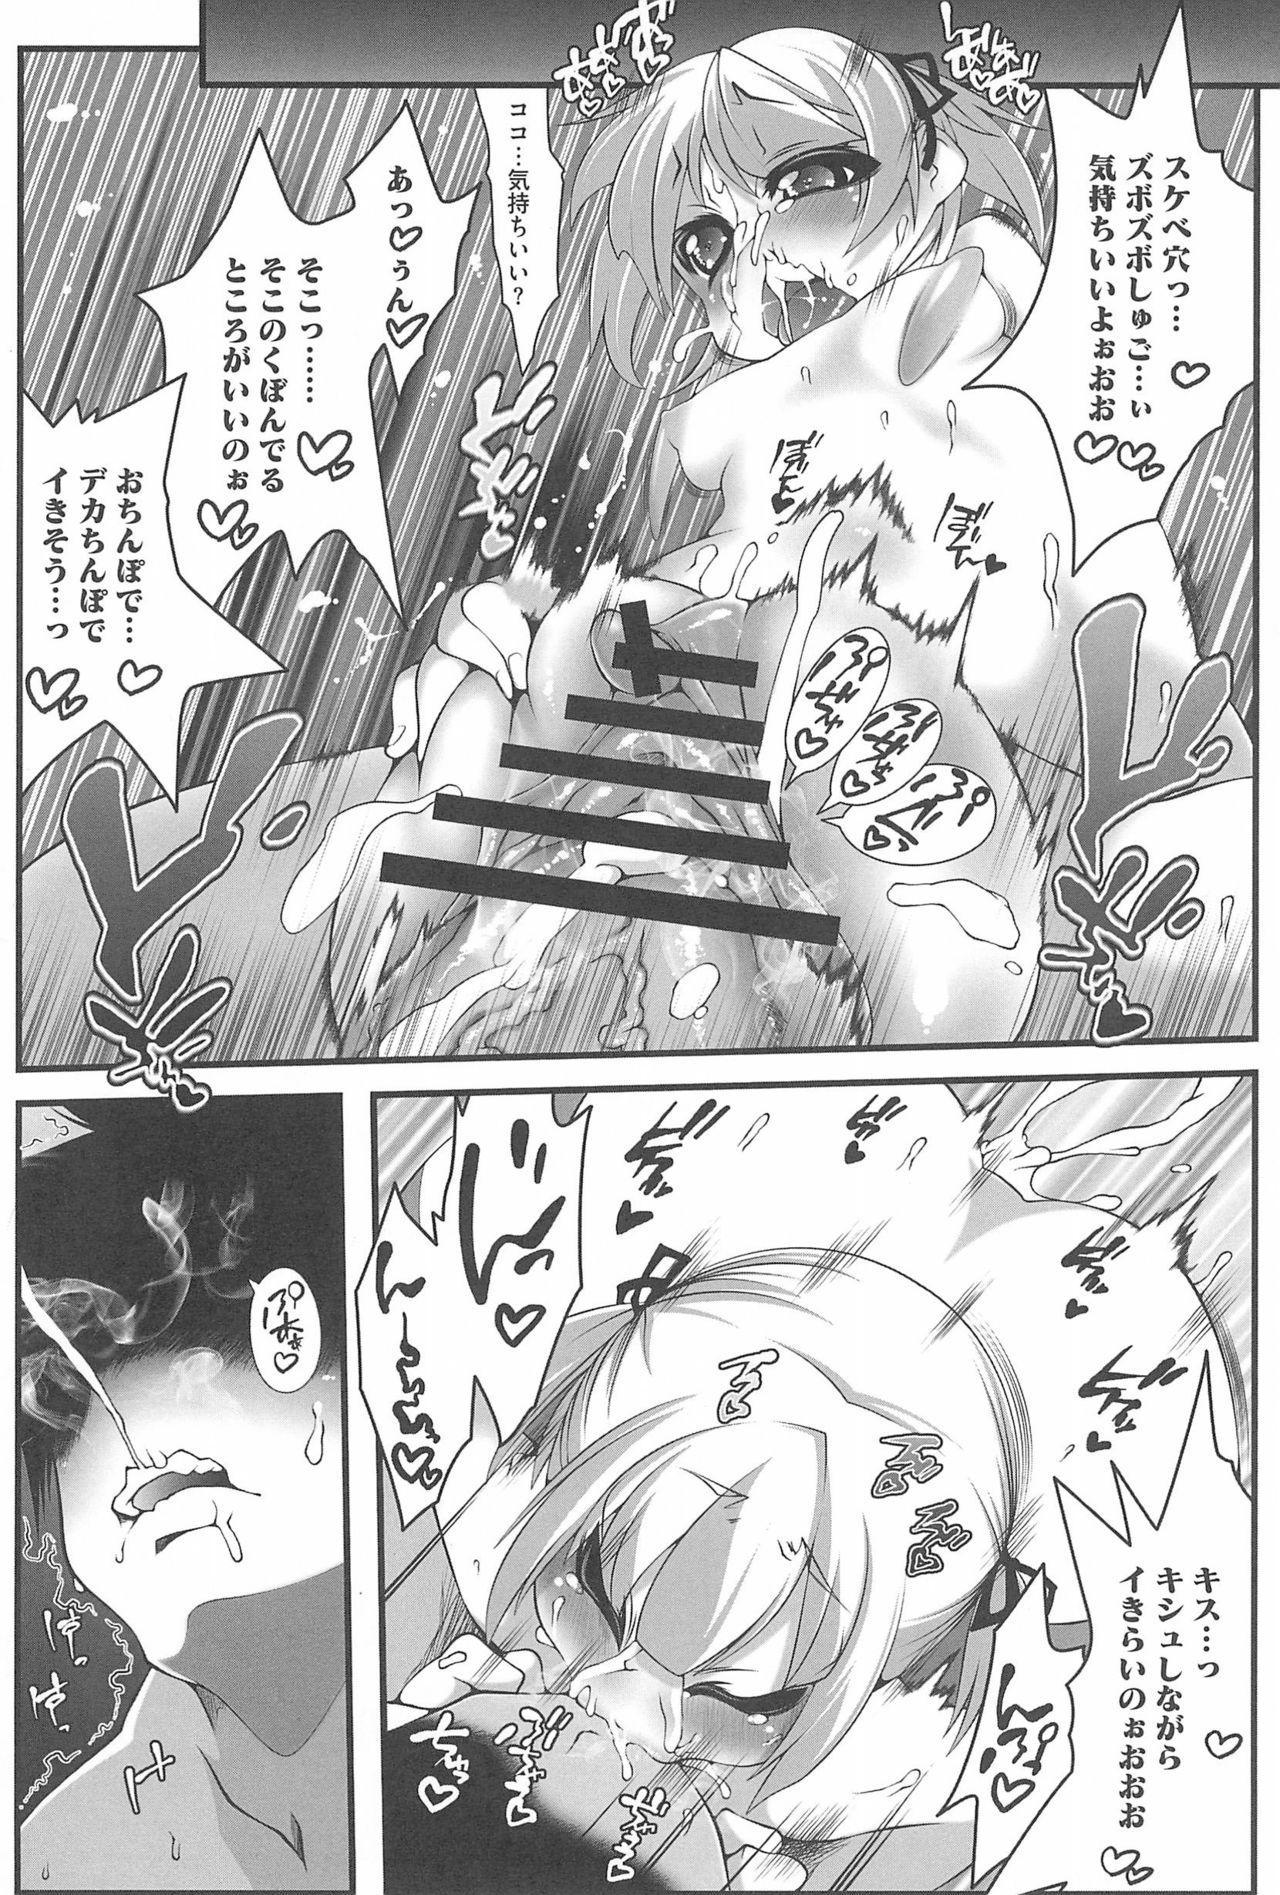 [Anthology] 3-tsugo 3 Shimai no Seiyoku wa 3-bai (Mitsudomoe) 80